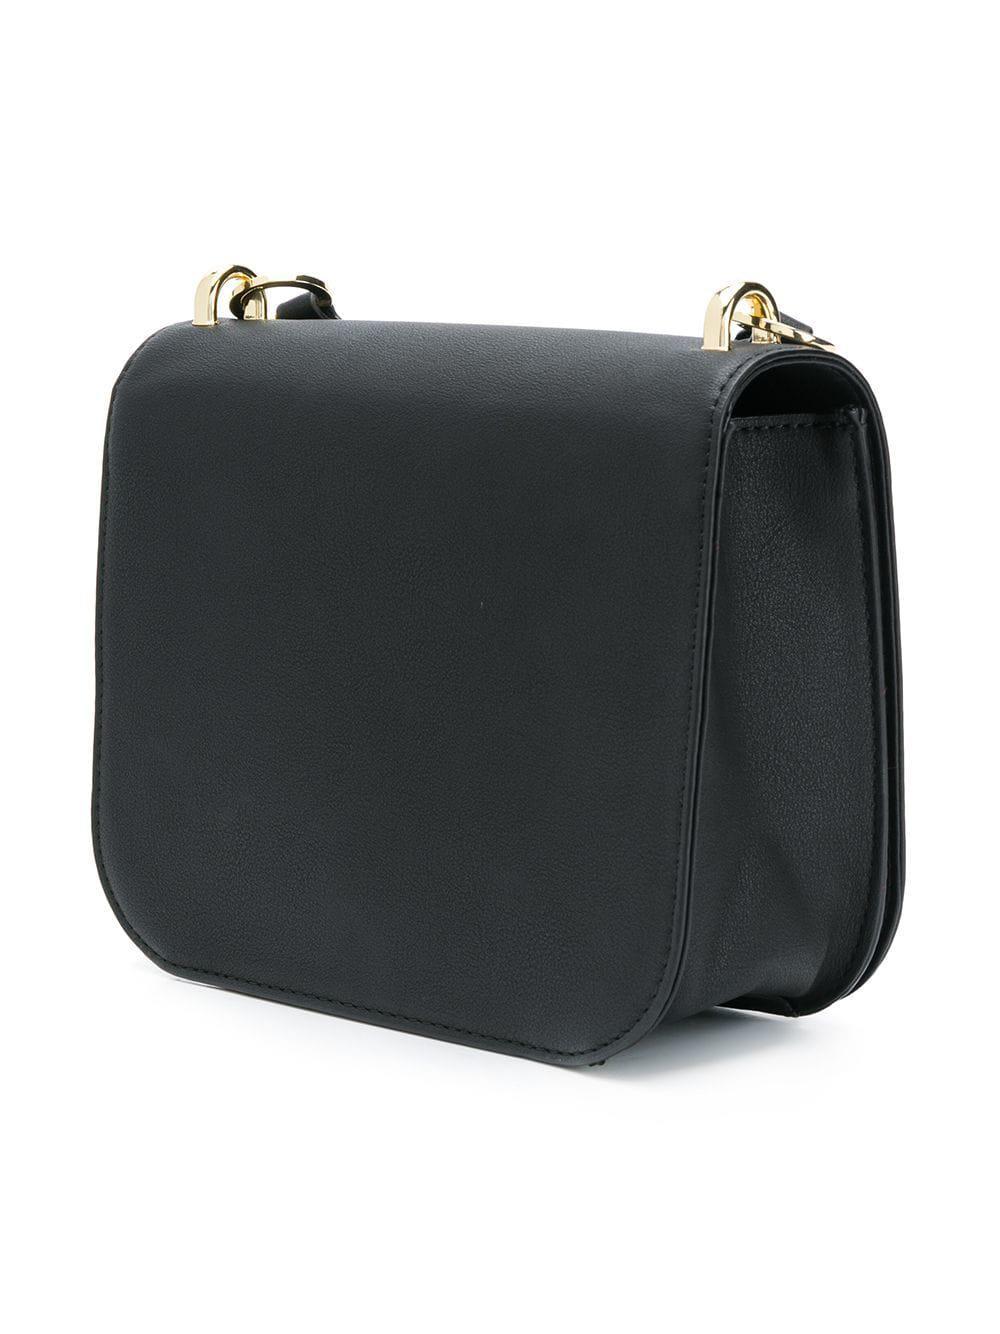 Love Moschino Fluffy Heart Crossbody Bag in Black - Lyst 5ecf0fbb95844